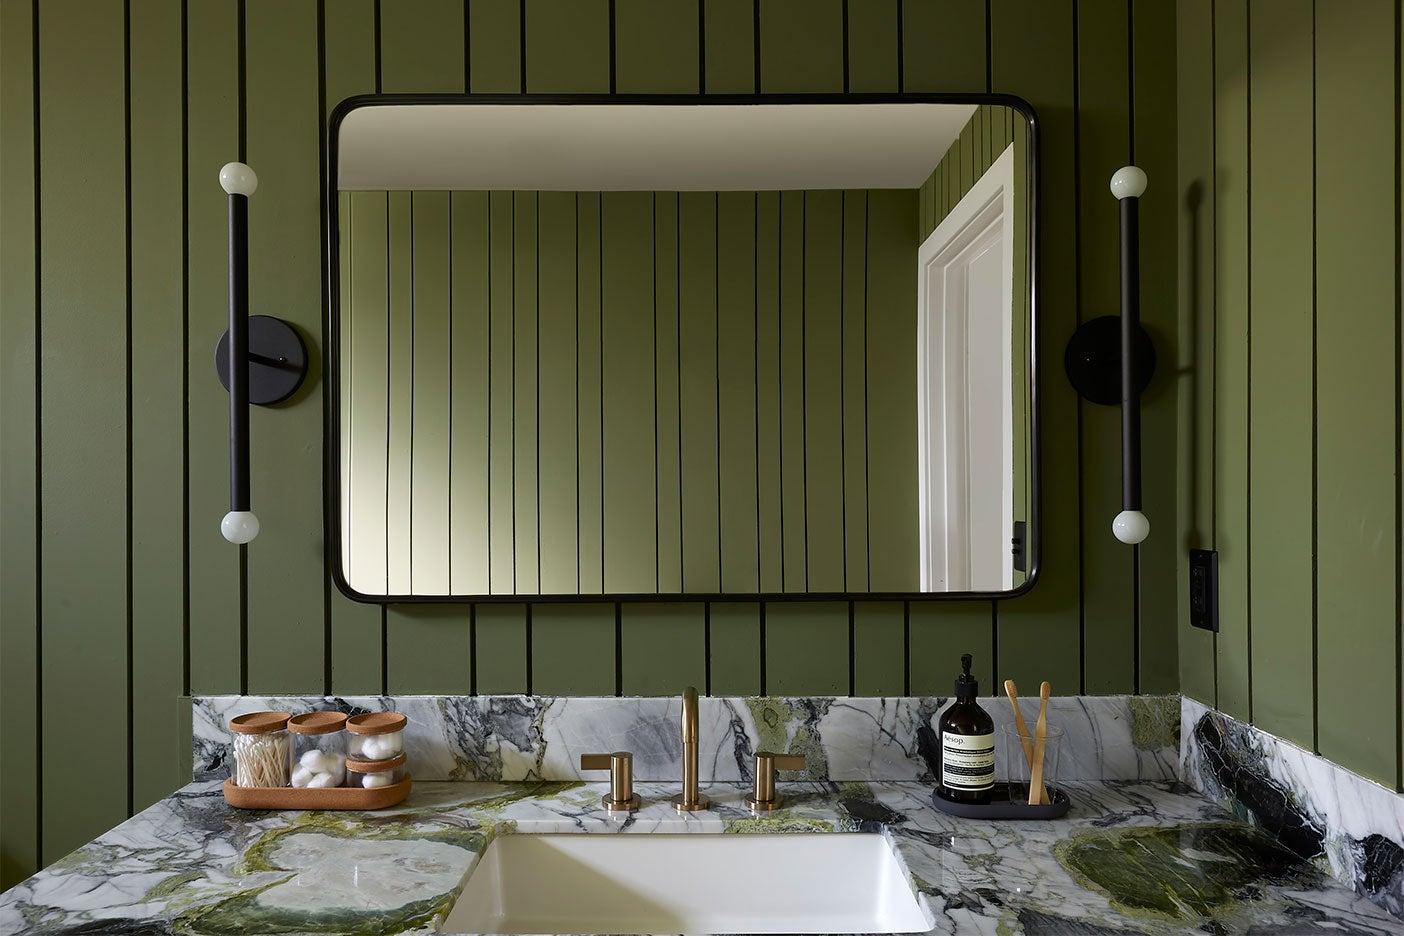 green bathroom wall paneling